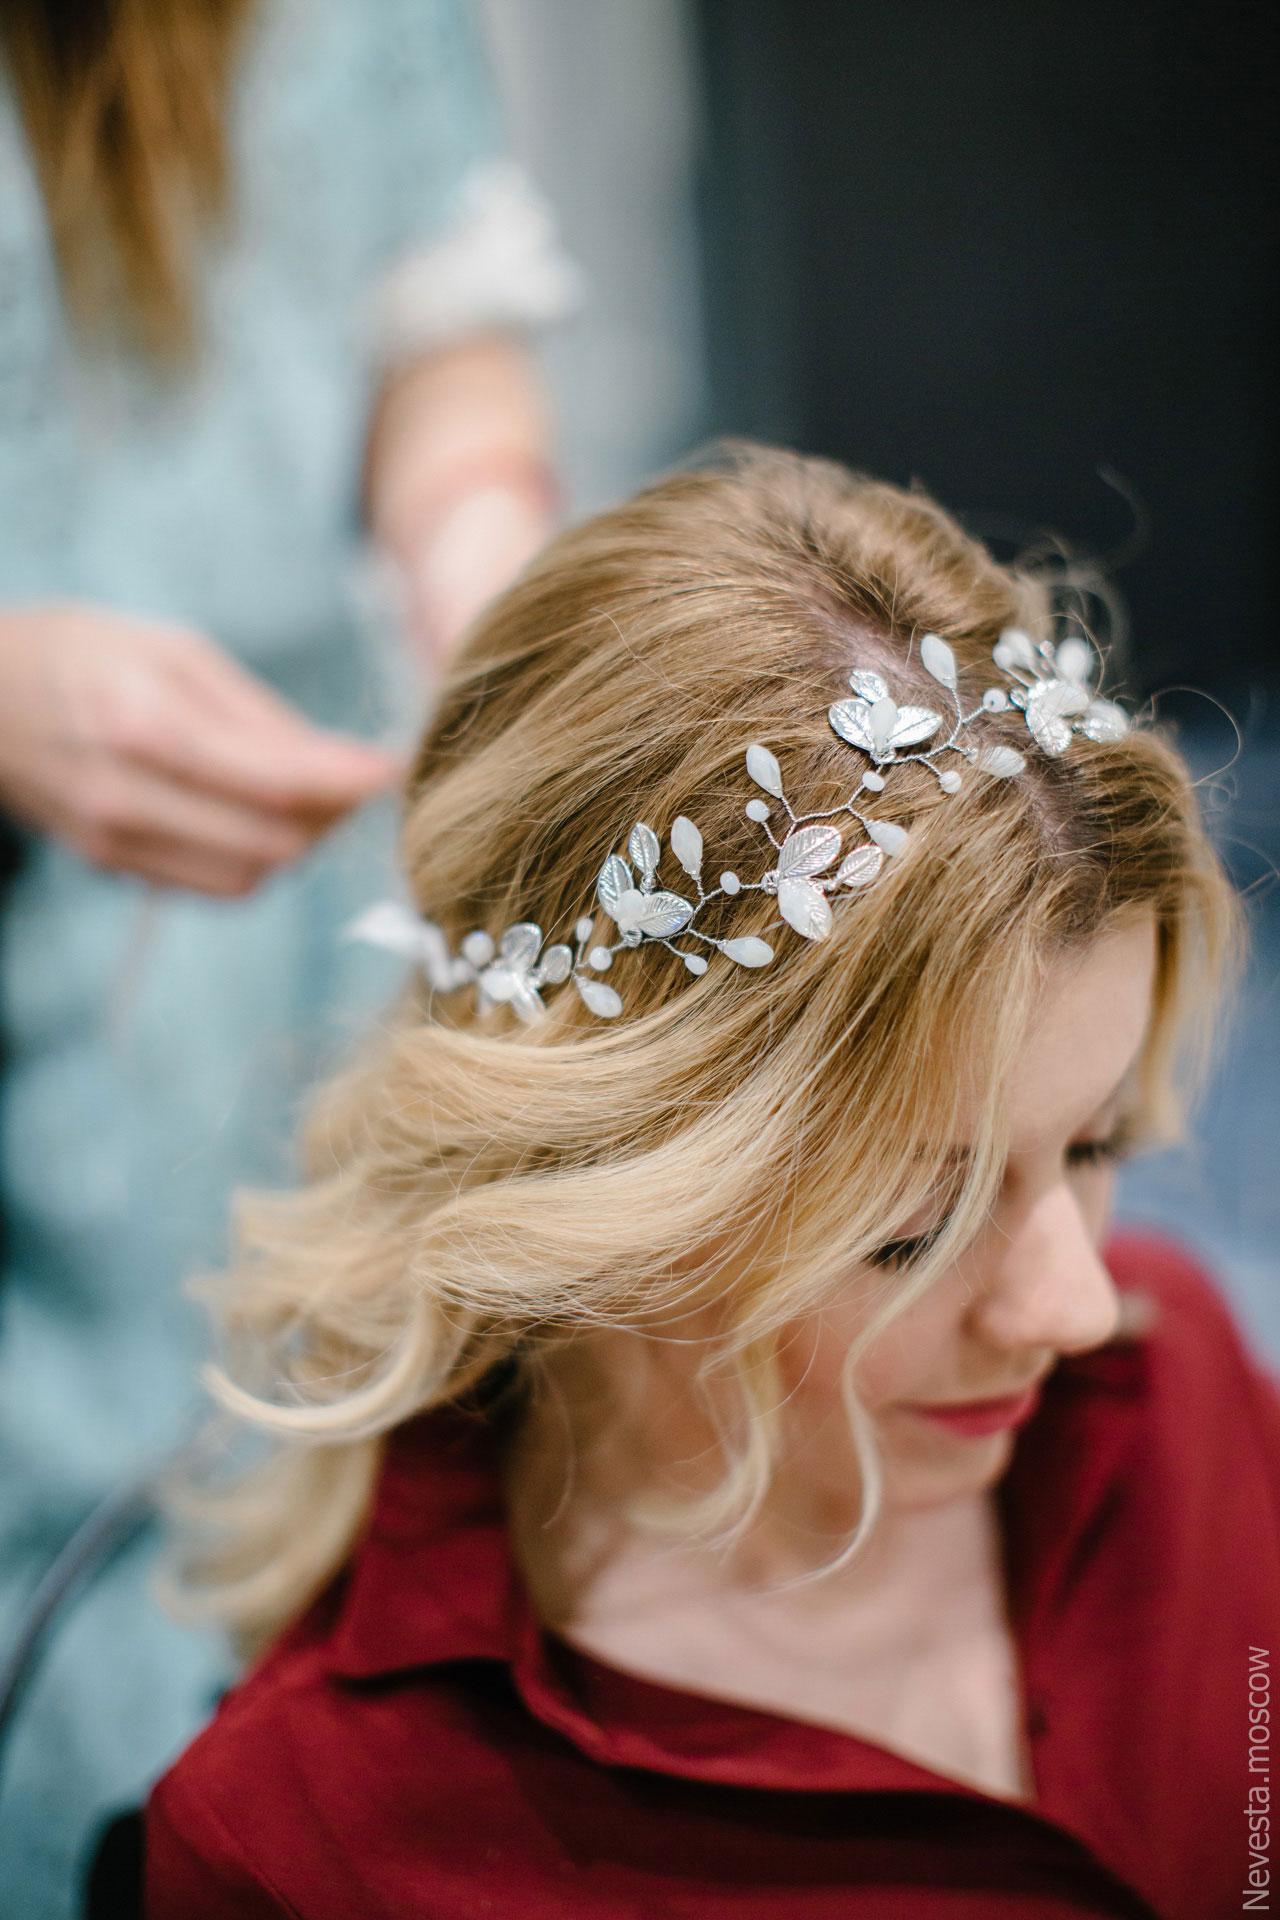 Юлианна Караулова примеряет образ для весенней свадьбы фото 16